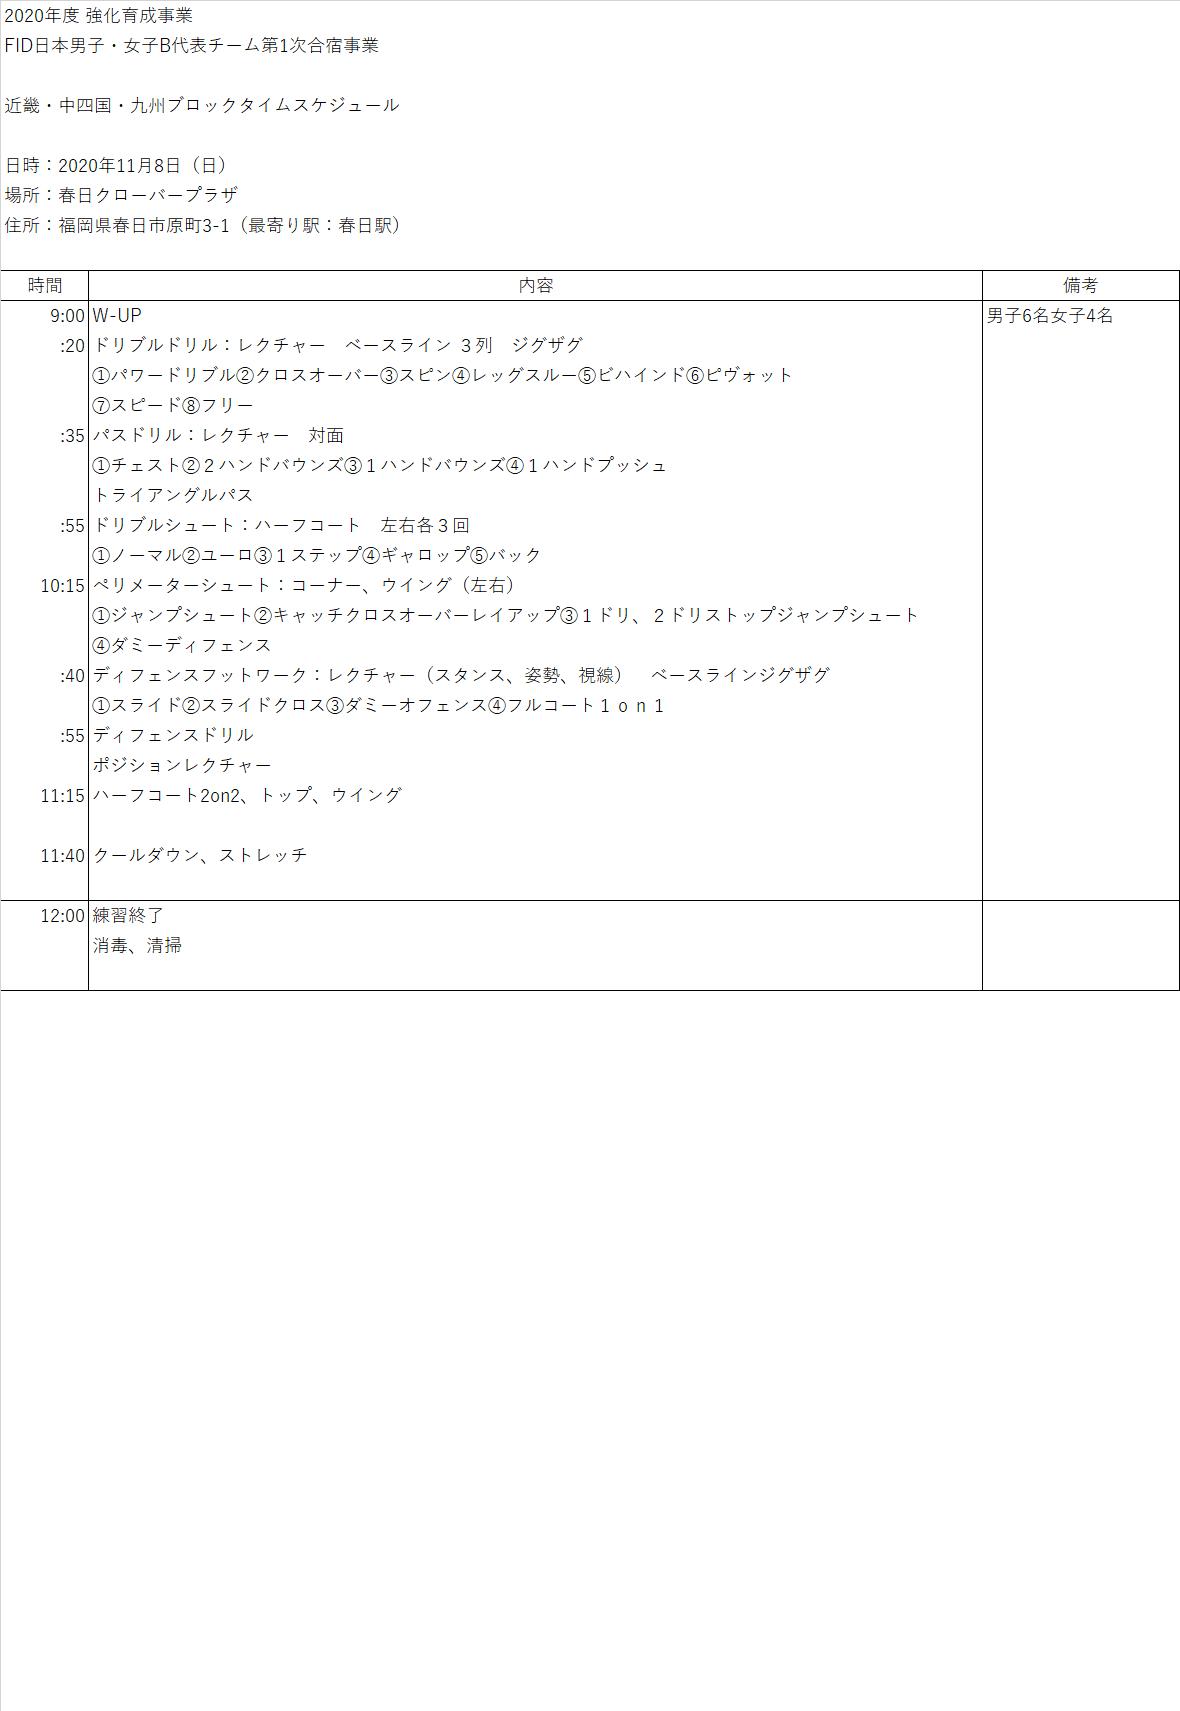 http://www.jbf-fid.jp/wp-content/uploads/2020/11/20201107-1108.pdf